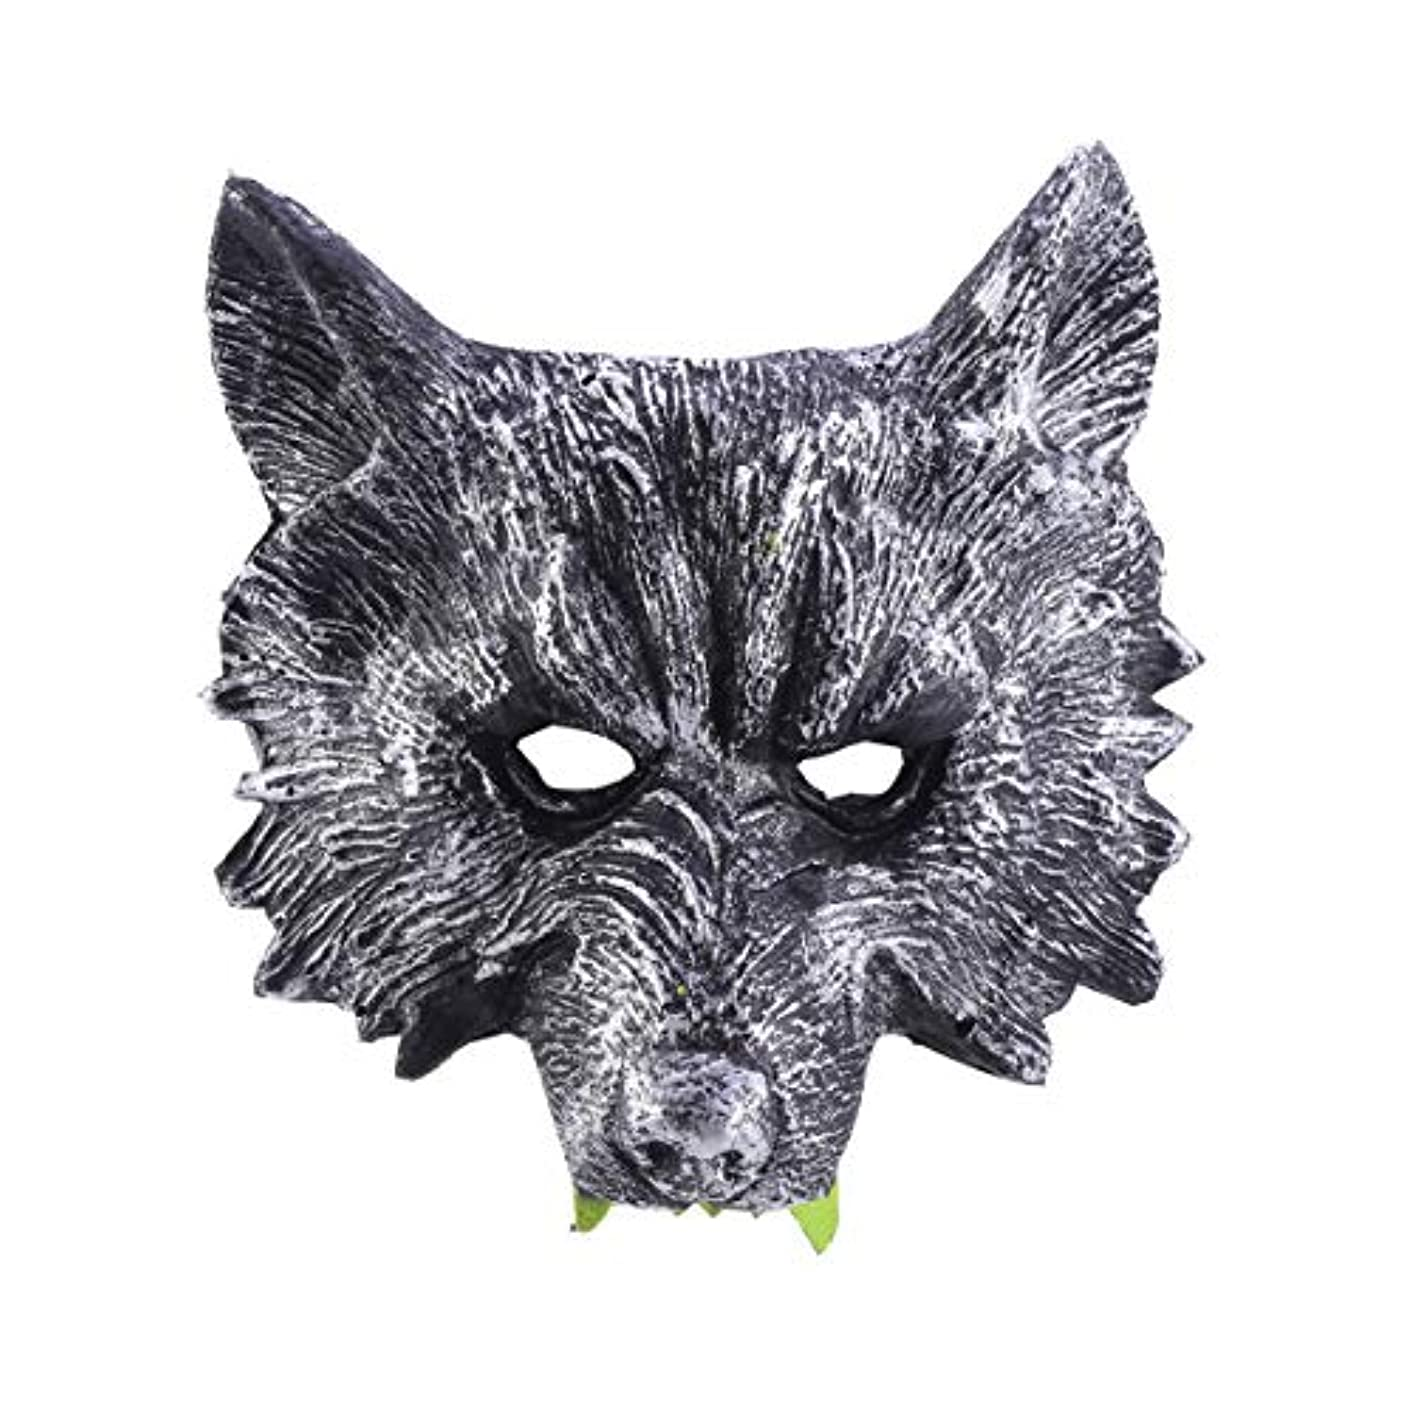 柱カーフ手つかずのToyvian ハロウィーン仮装パーティーのための灰色オオカミマスク